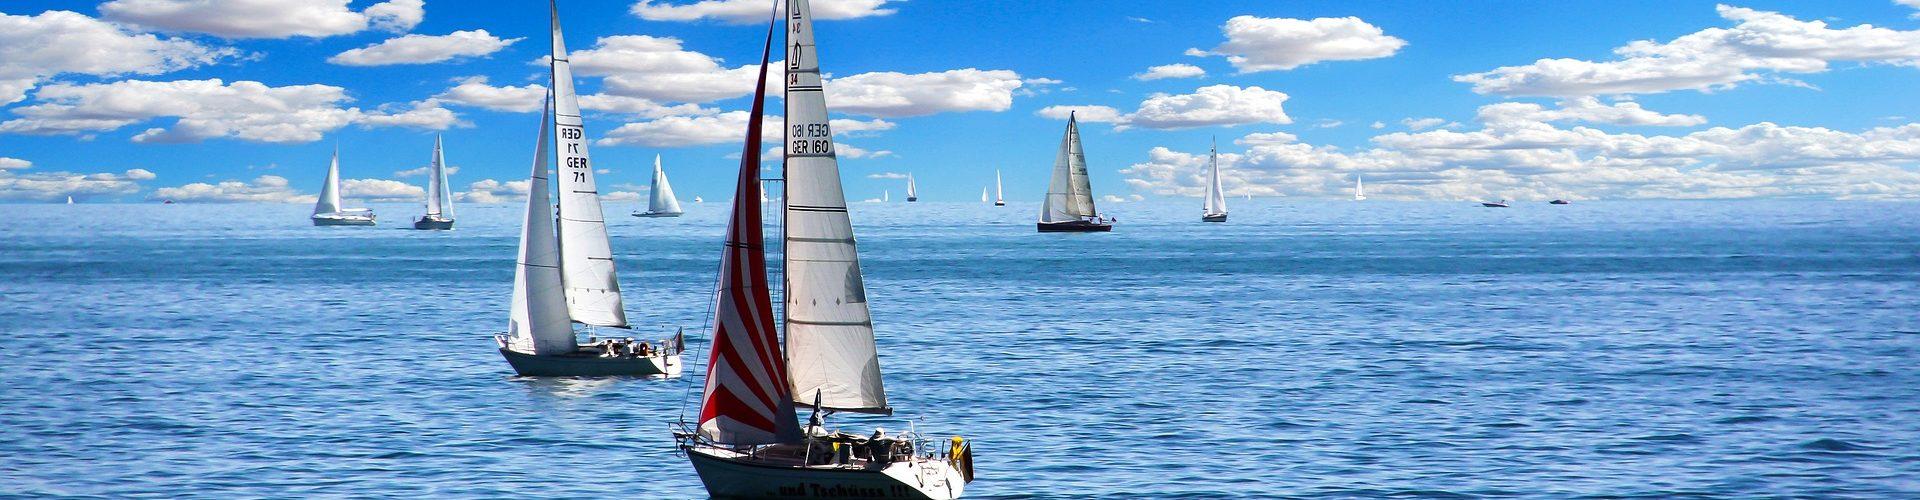 segeln lernen in Quitzdorf am See segelschein machen in Quitzdorf am See 1920x500 - Segeln lernen in Quitzdorf am See